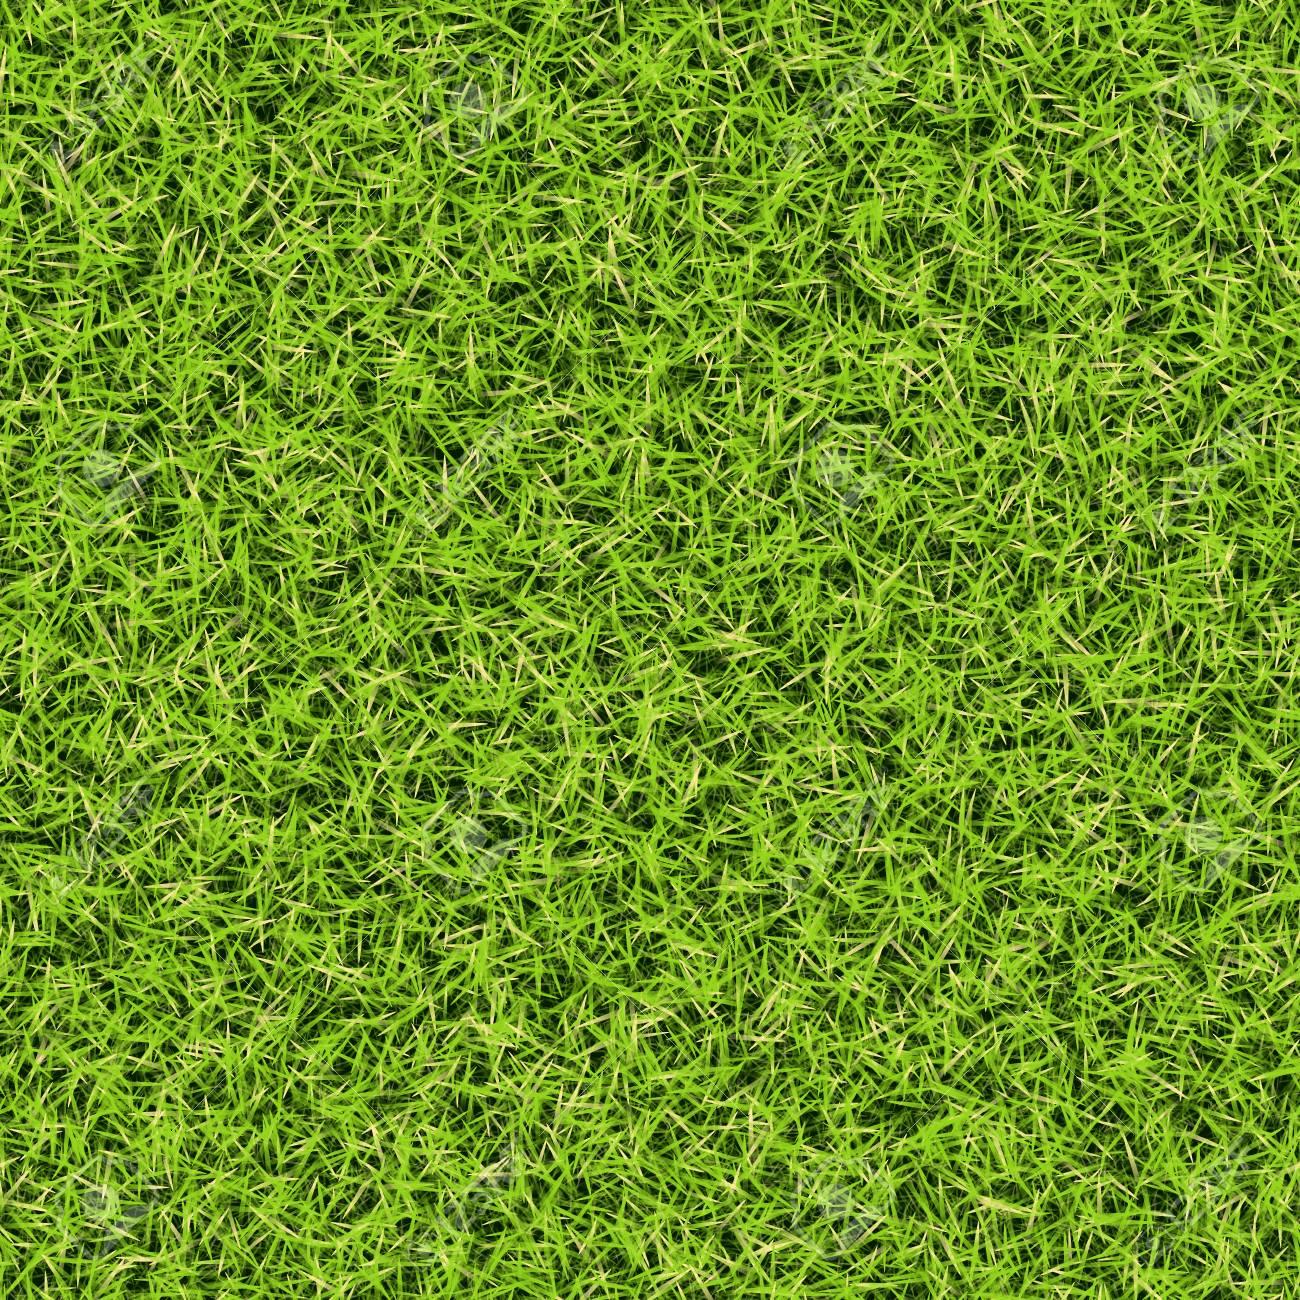 Immagini Stock Senza Soluzione Di Continuità Sfondo Verde Erba